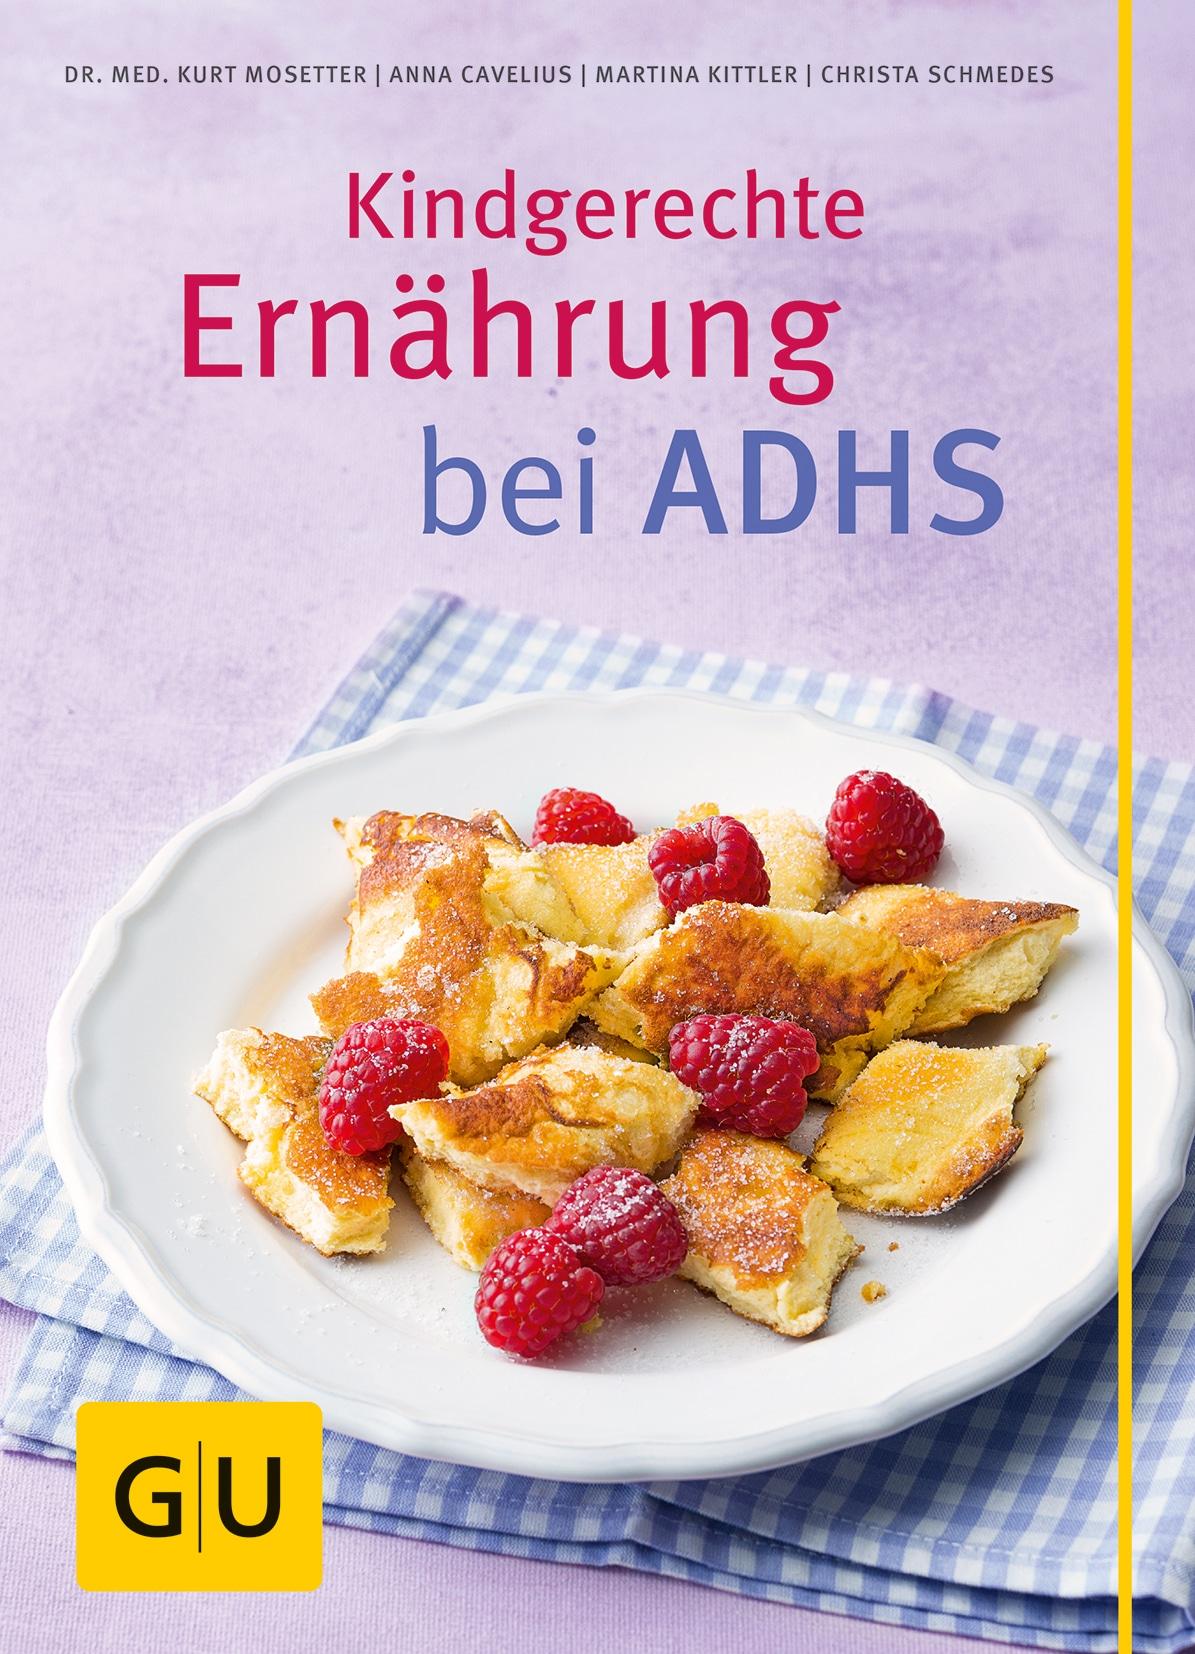 Kindgerechte Ernährung bei ADHS - Buch (Softcover)